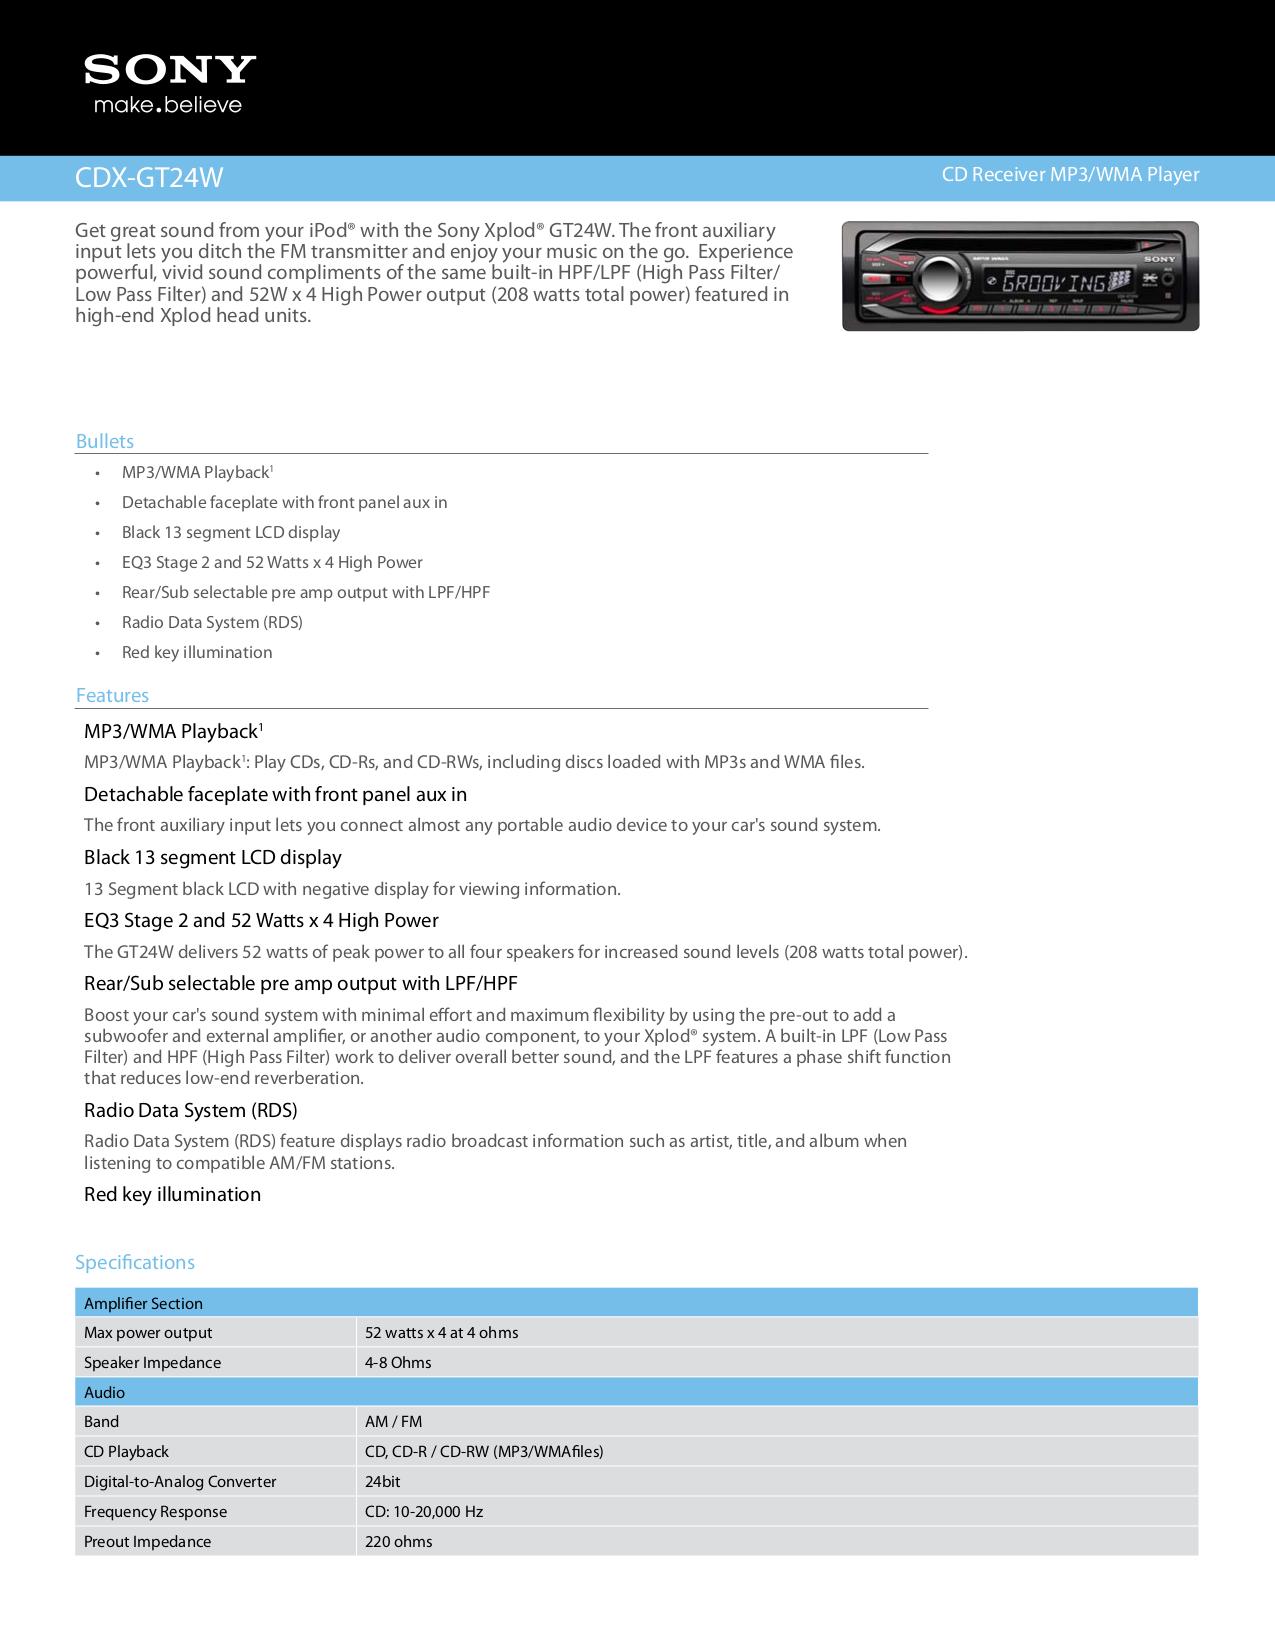 Sony Xplod Cdx Gt40uw Manual